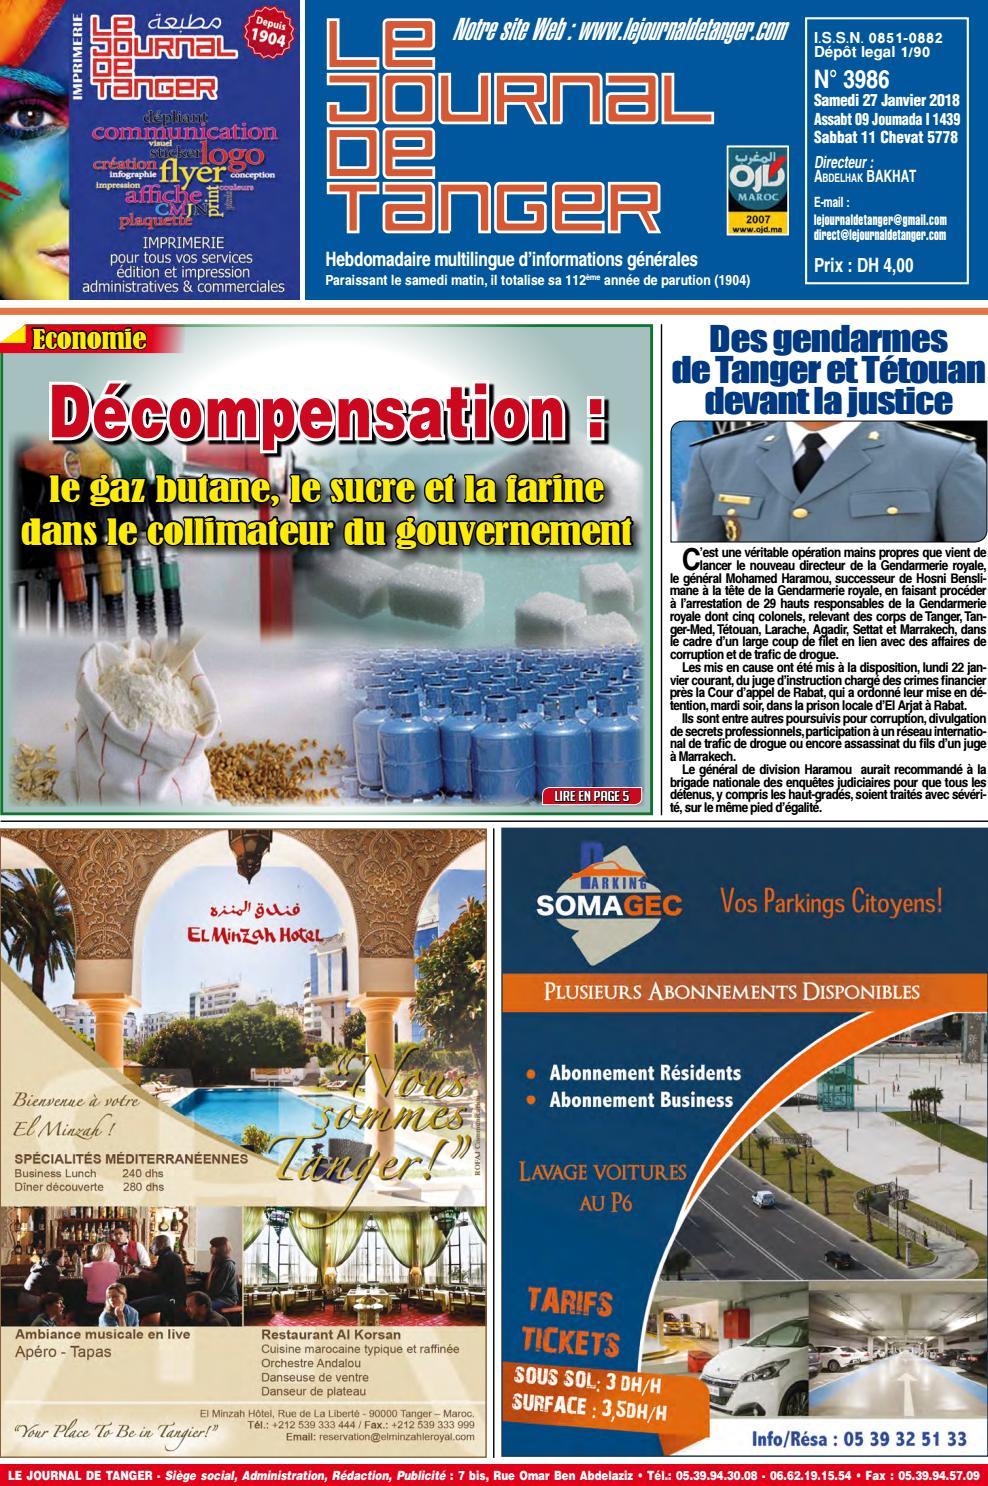 Le journal de Tanger 27 janvier 2018 by Le Journal de Tanger